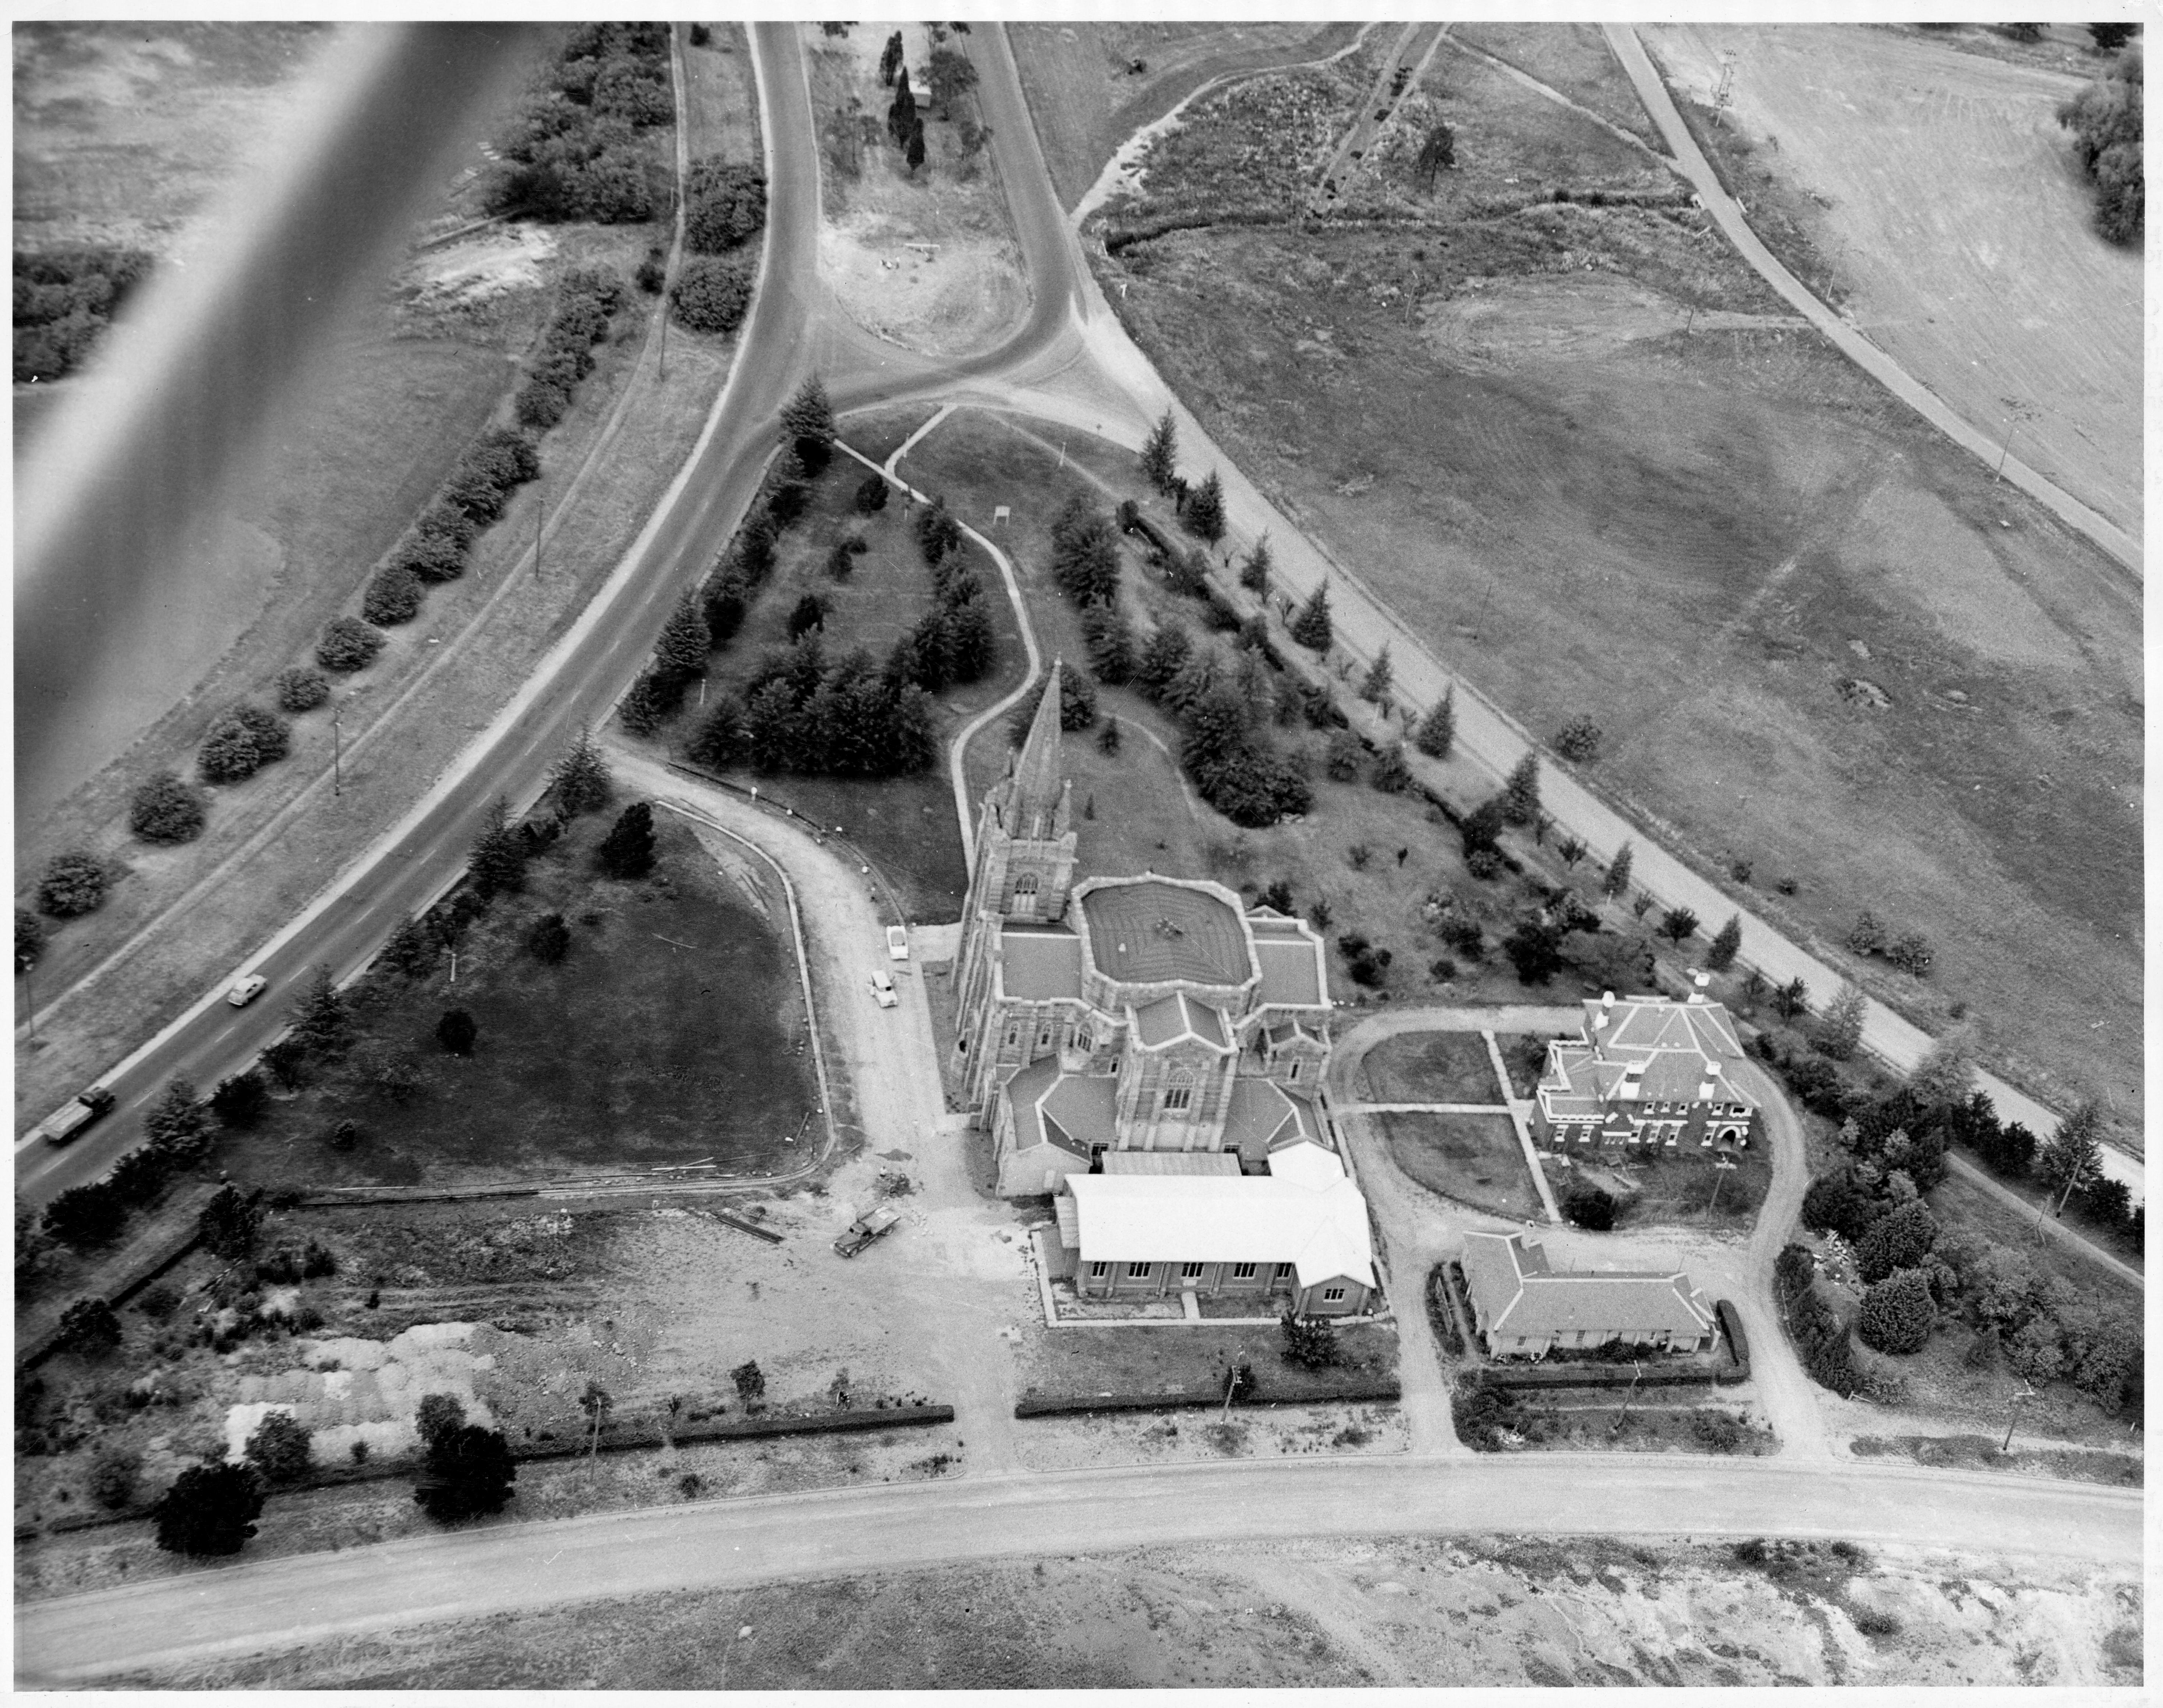 St. Andrew's - 1950s